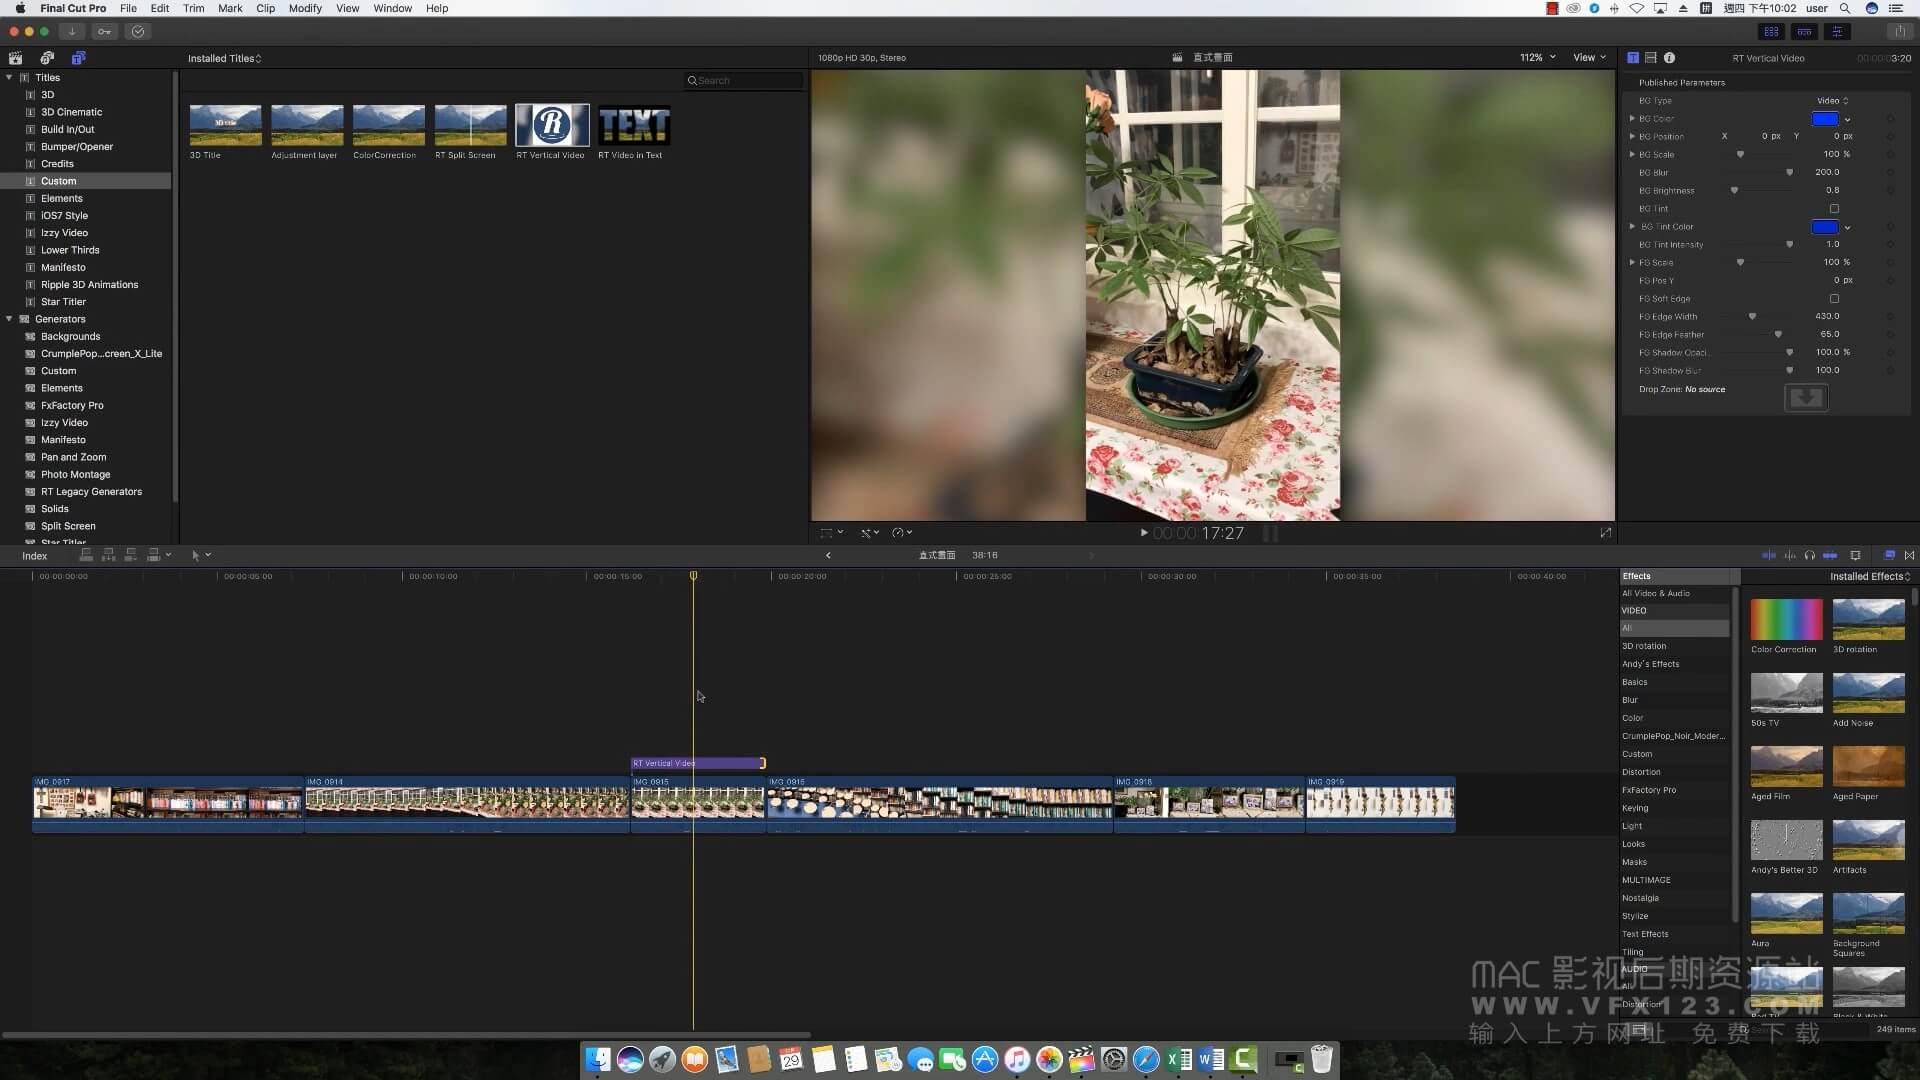 第44课: Final Cut Pro X中美化竖屏拍摄素材